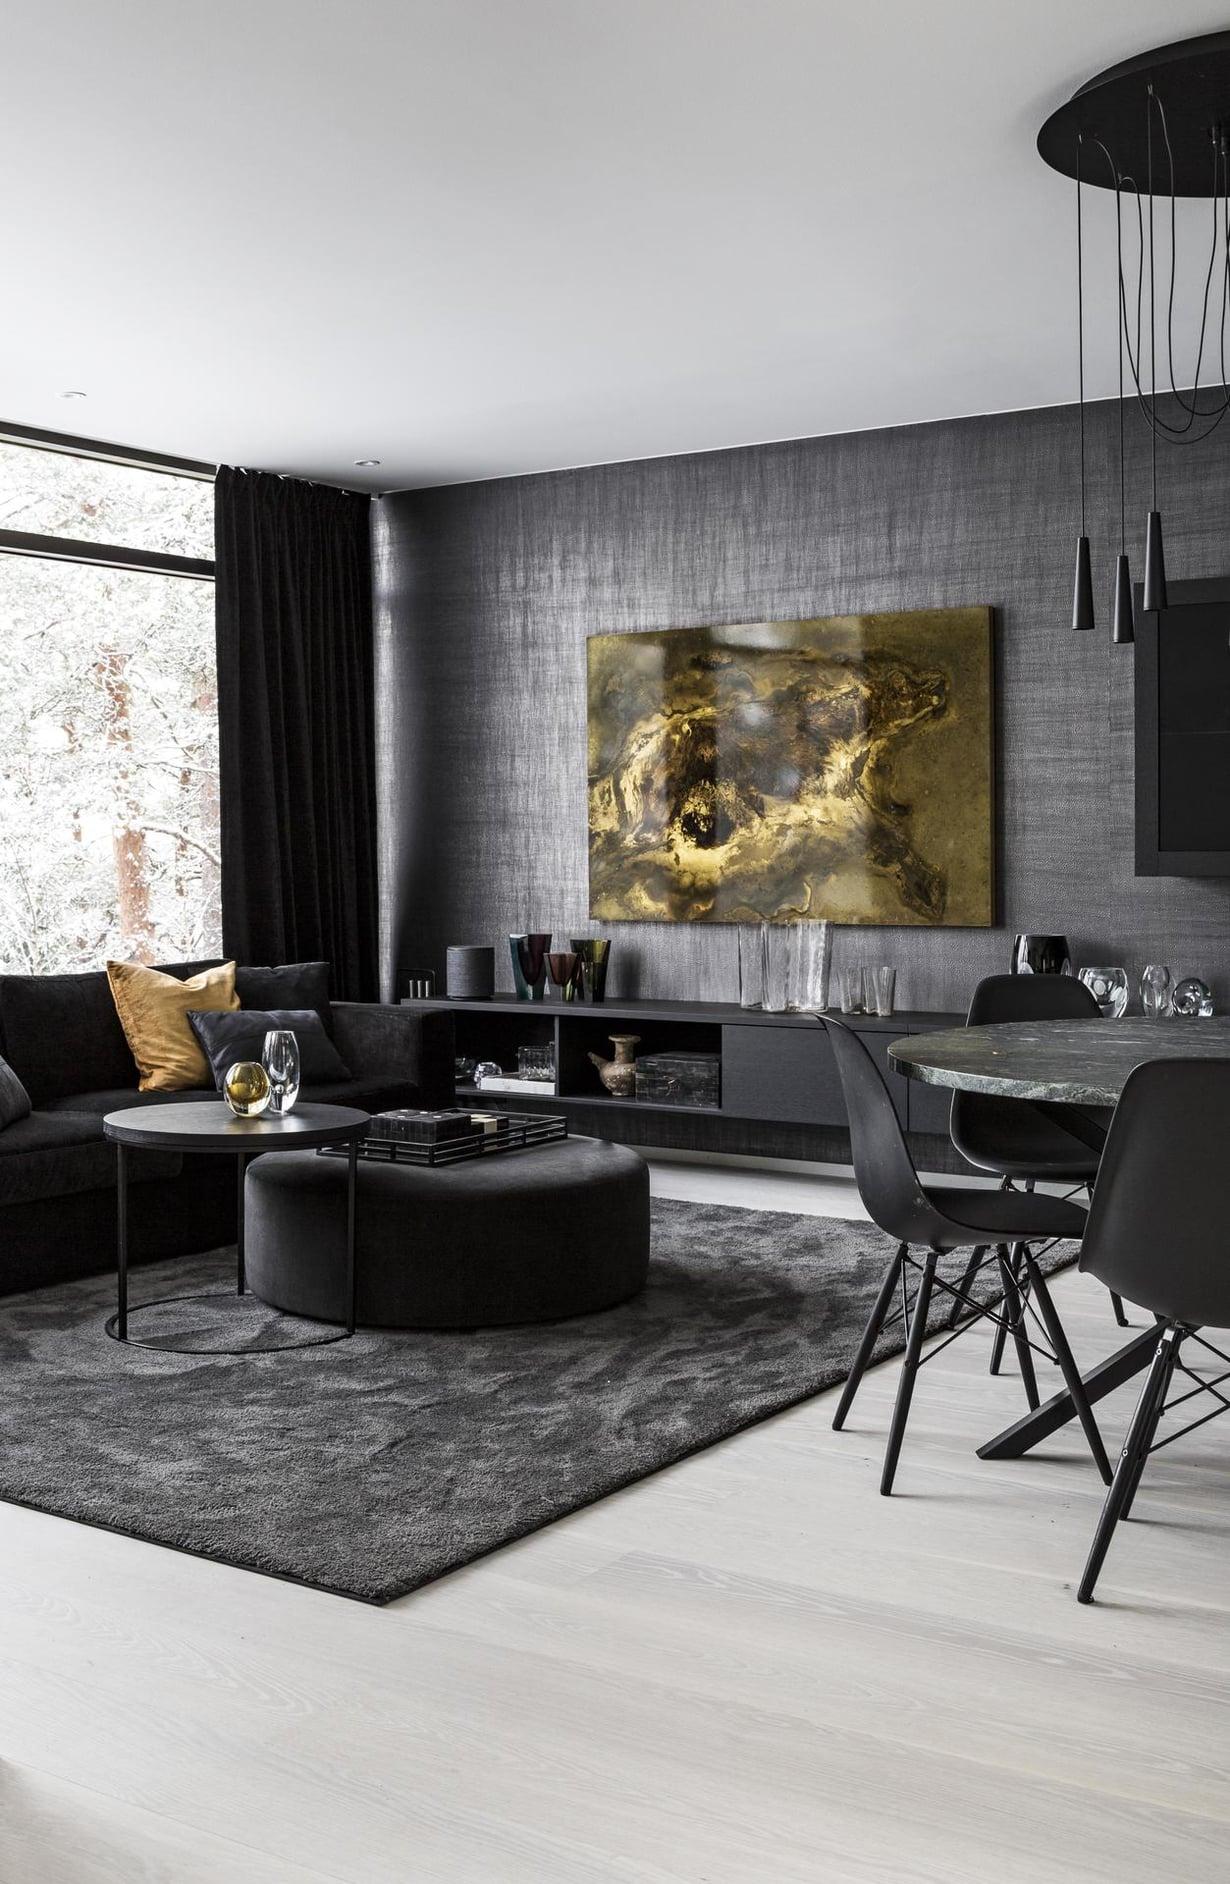 """""""Mancavessa"""" on paljon Timon keräilemää designlasia, jota varten Heini rakensi koko seinän levyisen kaapiston. Himmeästi hohteleva Elitiksen tapetti on painettu metallifoliolle. Slettvollin sohva, samettirahi ja sohvapöytä hankittiin Ruotsista. Messinkilevylle tehty työ on Toni R. Toivosen. Pyöreän, Per Söderbergin suunnitteleman No Early Bird -pöydän päällä on Morosinin riippuvalaisin."""